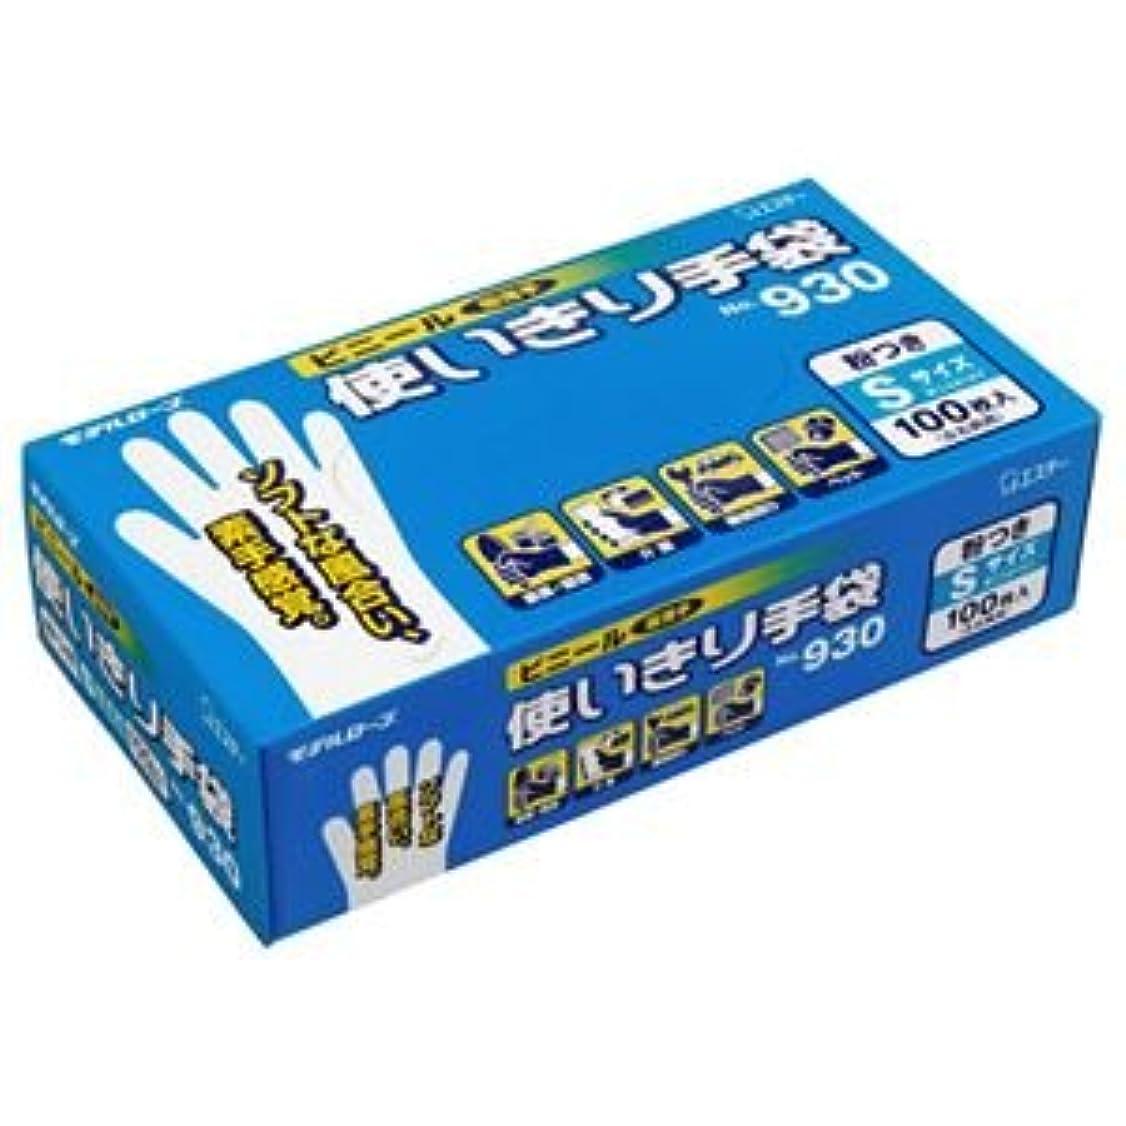 固める送った理由(まとめ) エステー No.930 ビニール使いきり手袋(粉付) S 1箱(100枚) 【×5セット